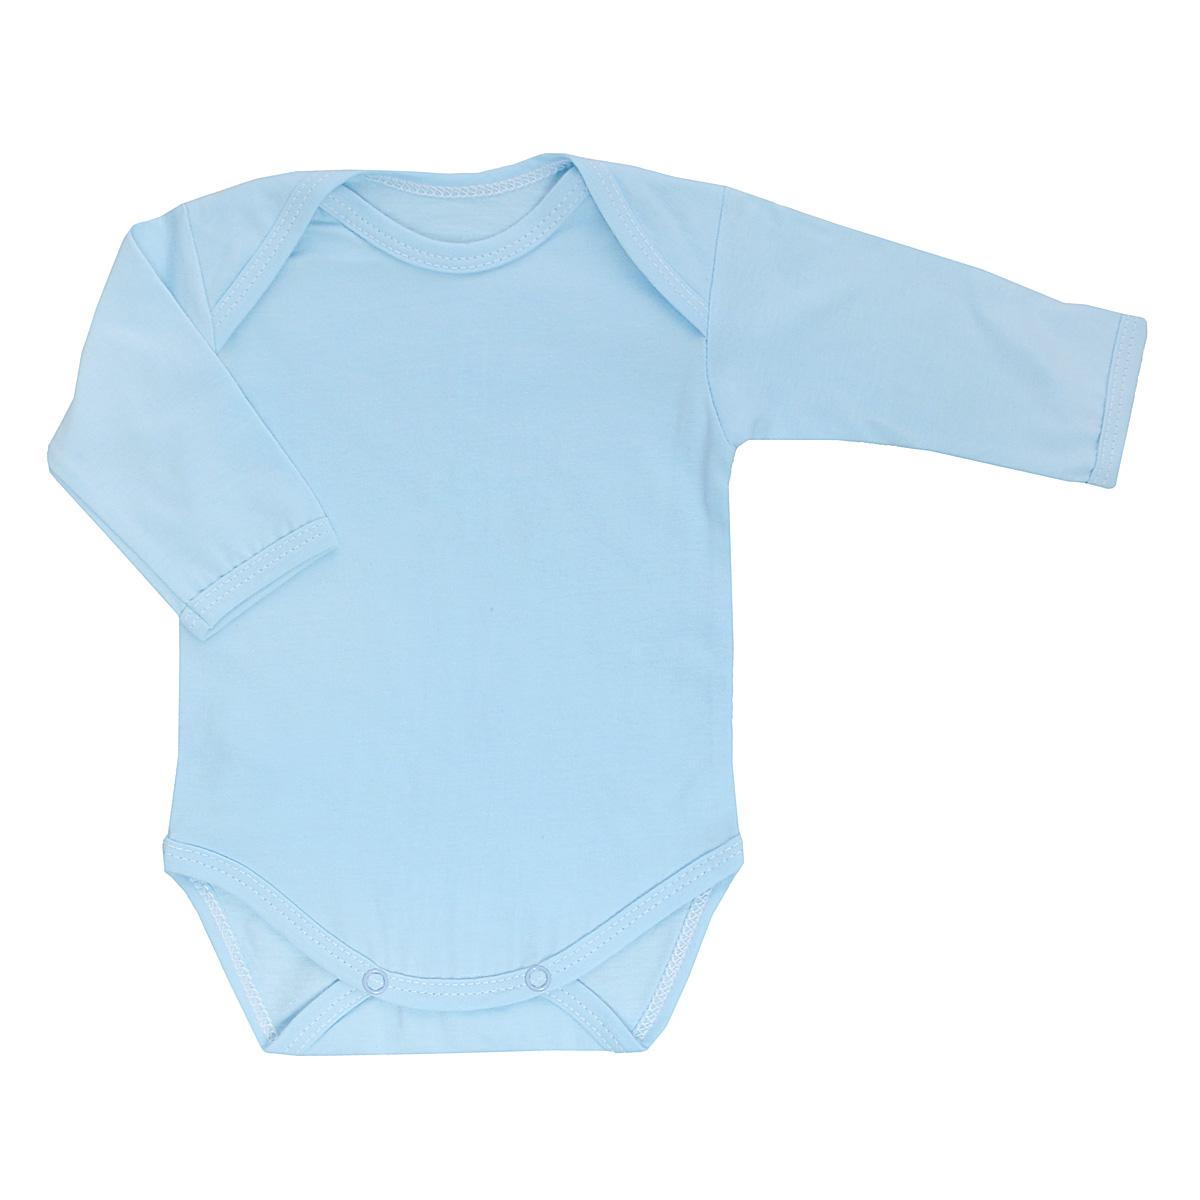 Боди детское Трон-Плюс, цвет: голубой. 5861. Размер 68, 6 месяцев5861Детское боди Трон-плюс с длинными рукавами послужит идеальным дополнением к гардеробу вашего ребенка, обеспечивая ему наибольший комфорт. Боди изготовлено из кулирного полотна -натурального хлопка, благодаря чему оно необычайно мягкое и легкое, не раздражает нежную кожу ребенка и хорошо вентилируется, а эластичные швы приятны телу младенца и не препятствуют его движениям. Удобные запахи на плечах и кнопки на ластовице помогают легко переодеть младенца или сменить подгузник. Боди полностью соответствует особенностям жизни ребенка в ранний период, не стесняя и не ограничивая его в движениях. В нем ваш ребенок всегда будет в центре внимания.